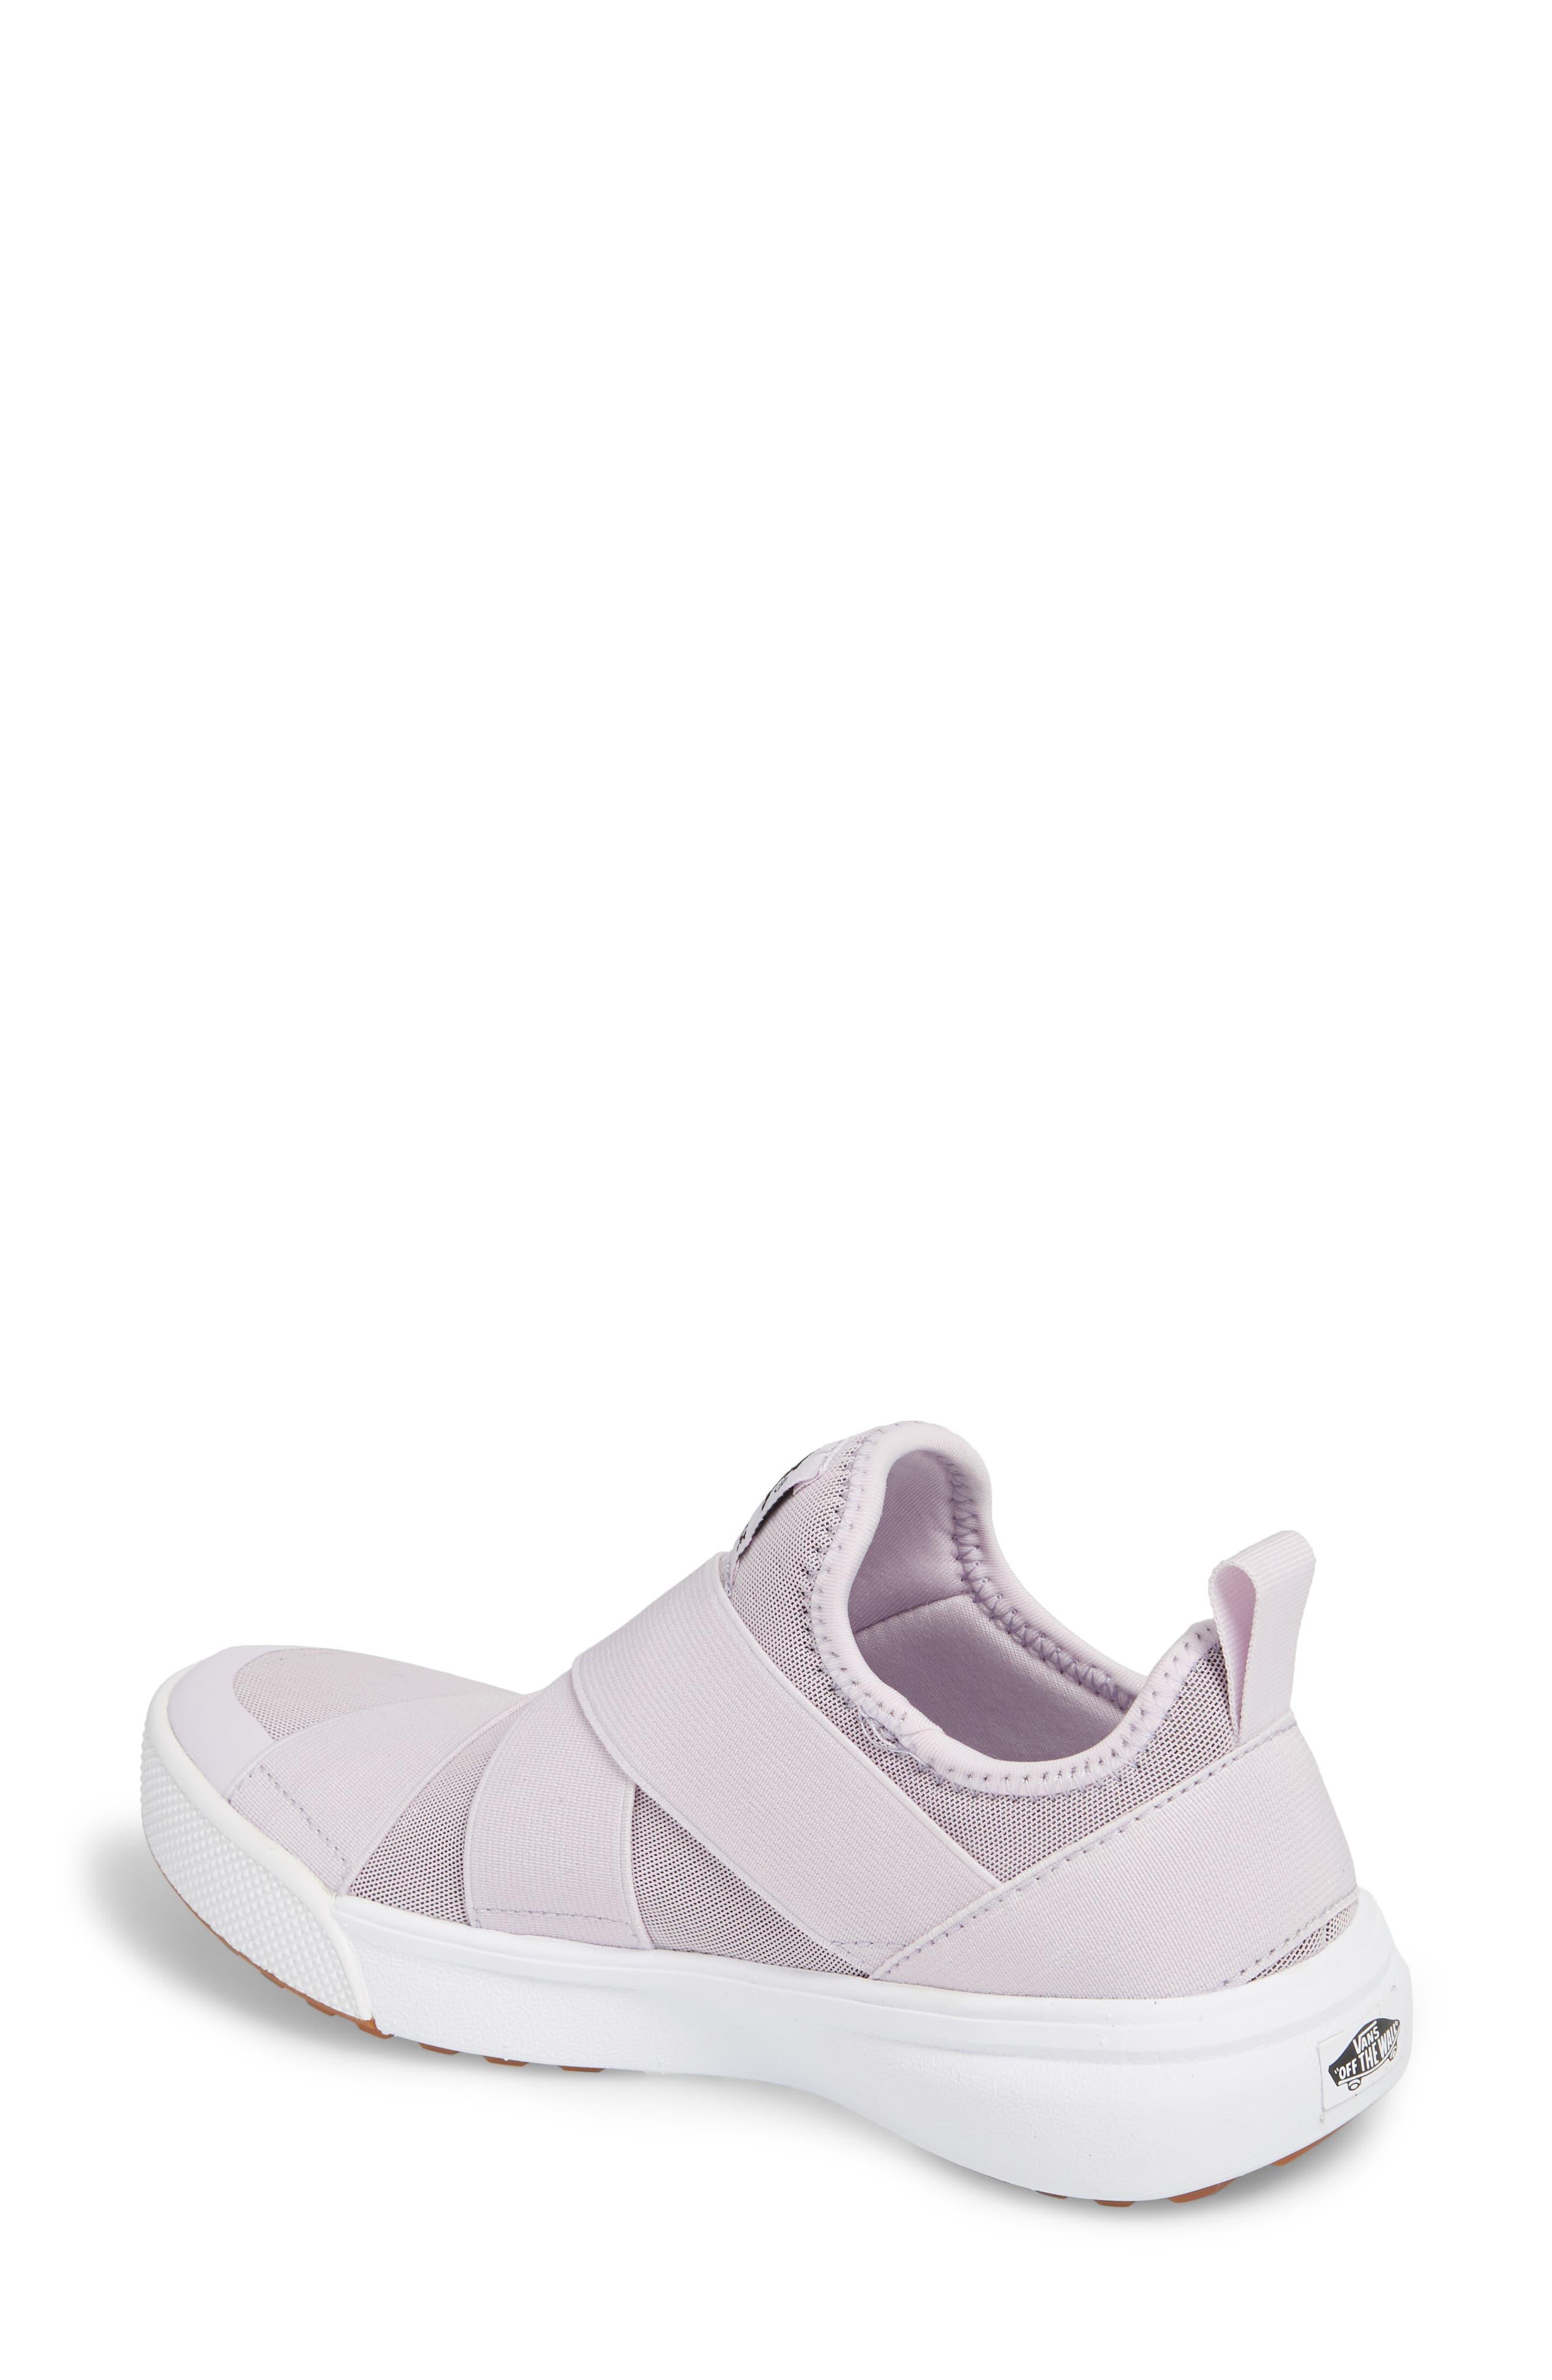 UltraRange Gore Slip-On Sneaker,                             Alternate thumbnail 2, color,                             LAVENDER FOG